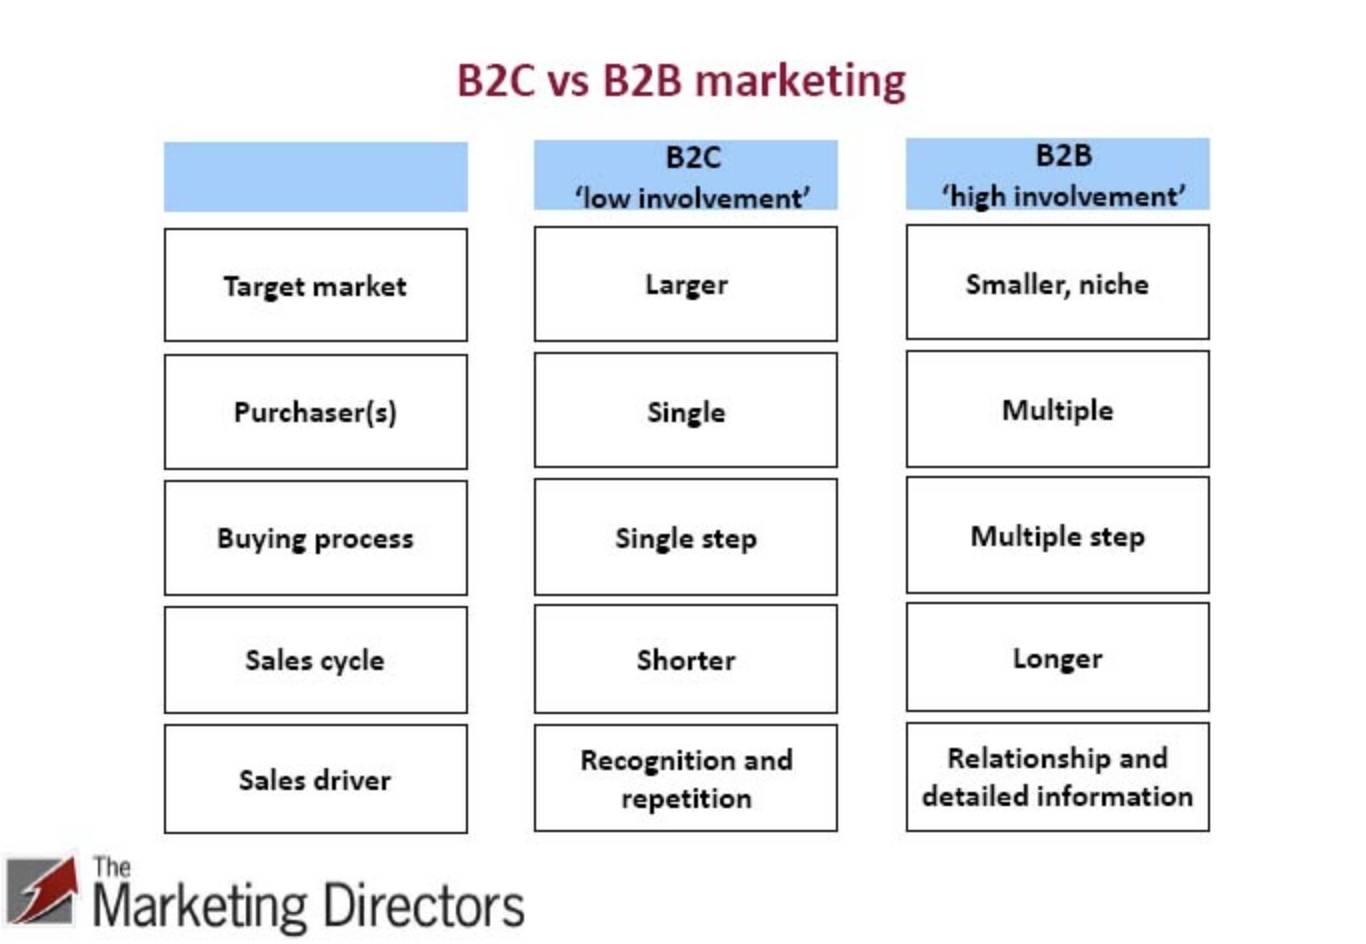 B2B vs B2C customer journey mapping